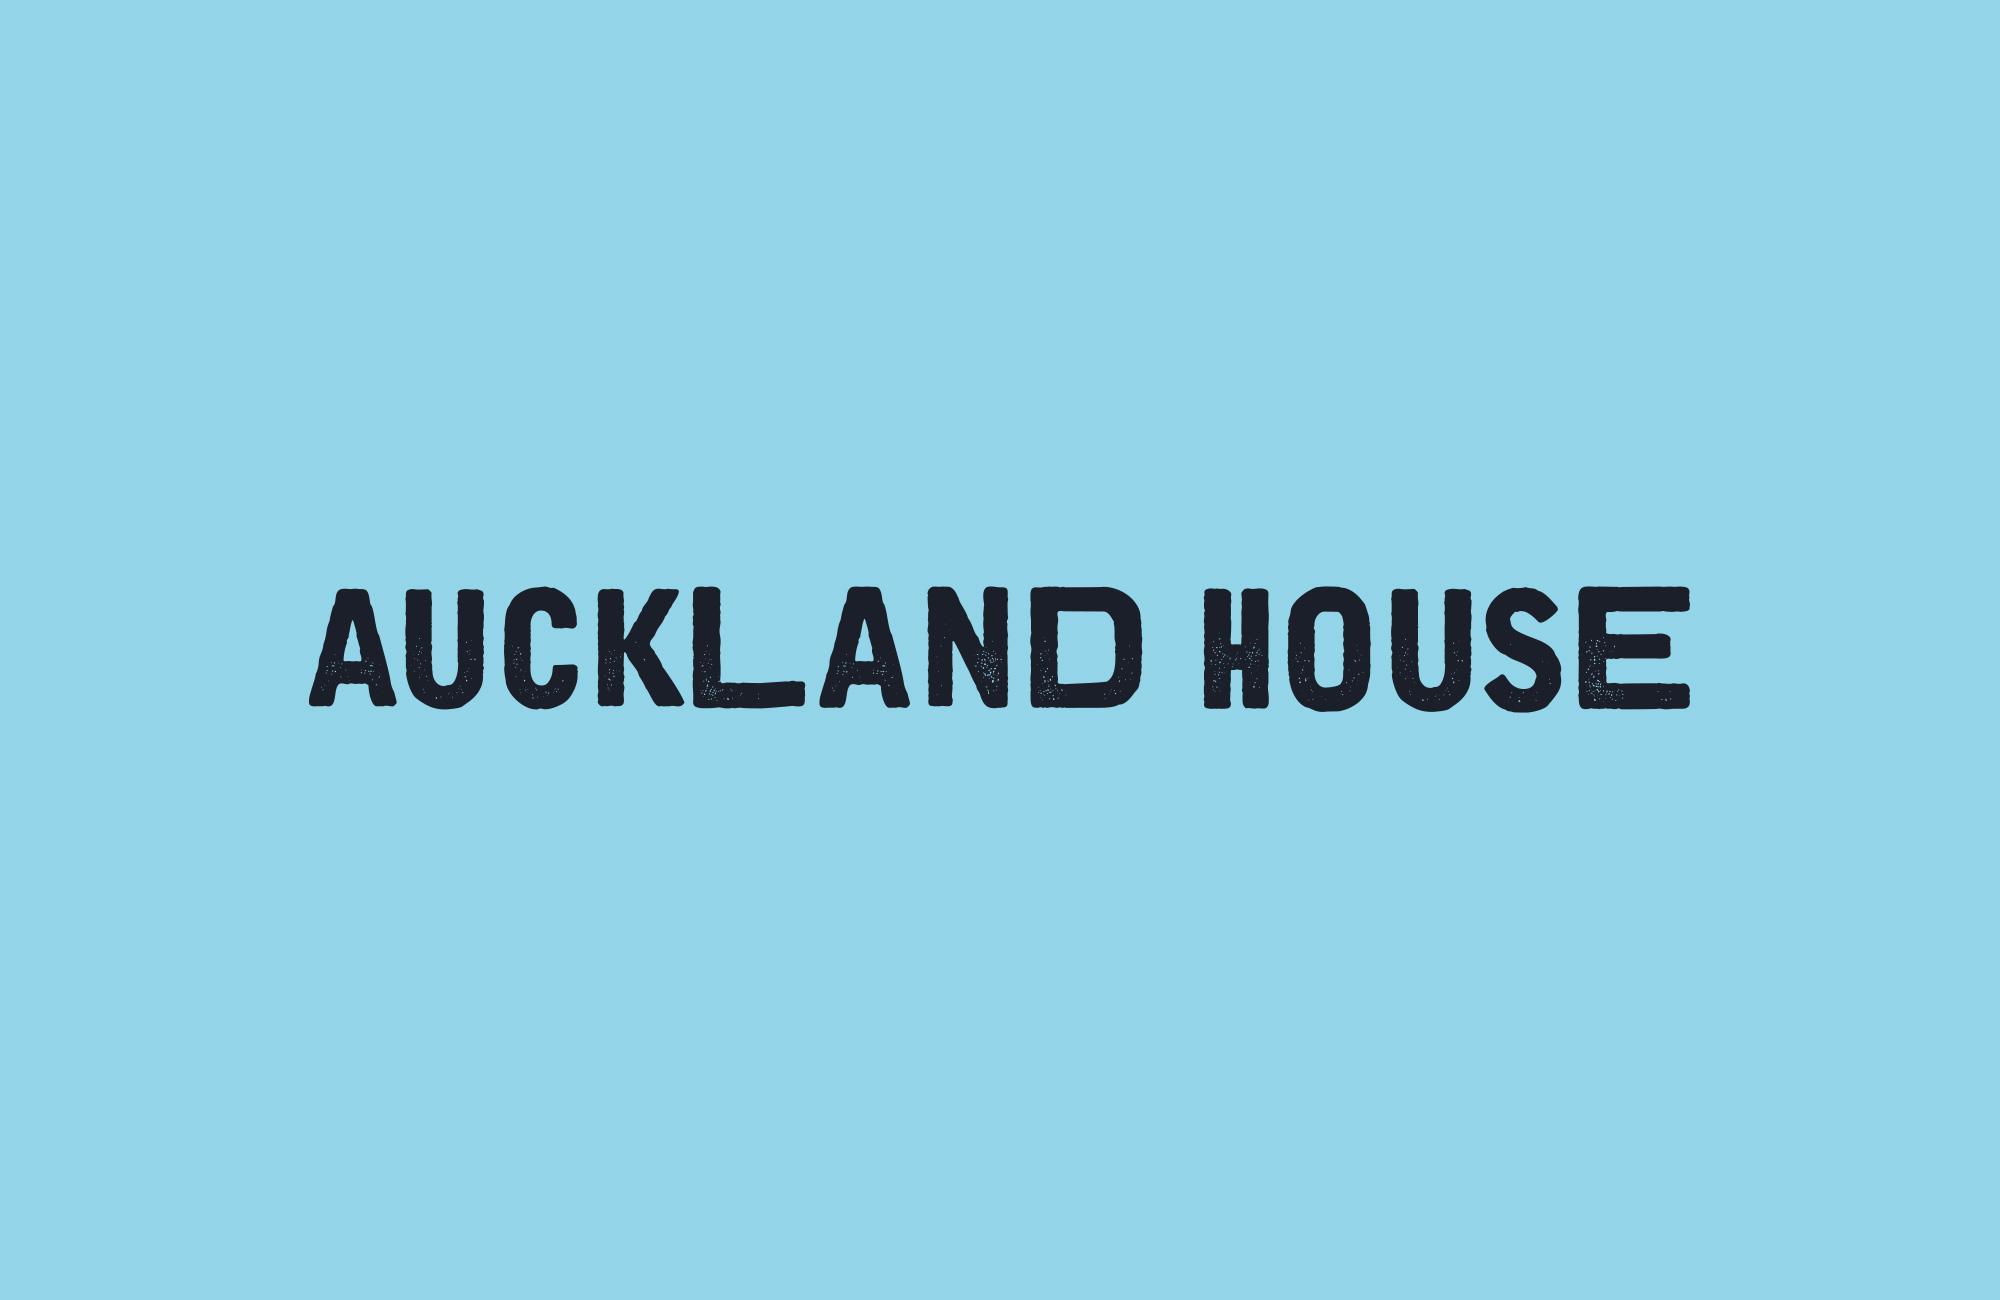 ALTR-AucklandHouse-11